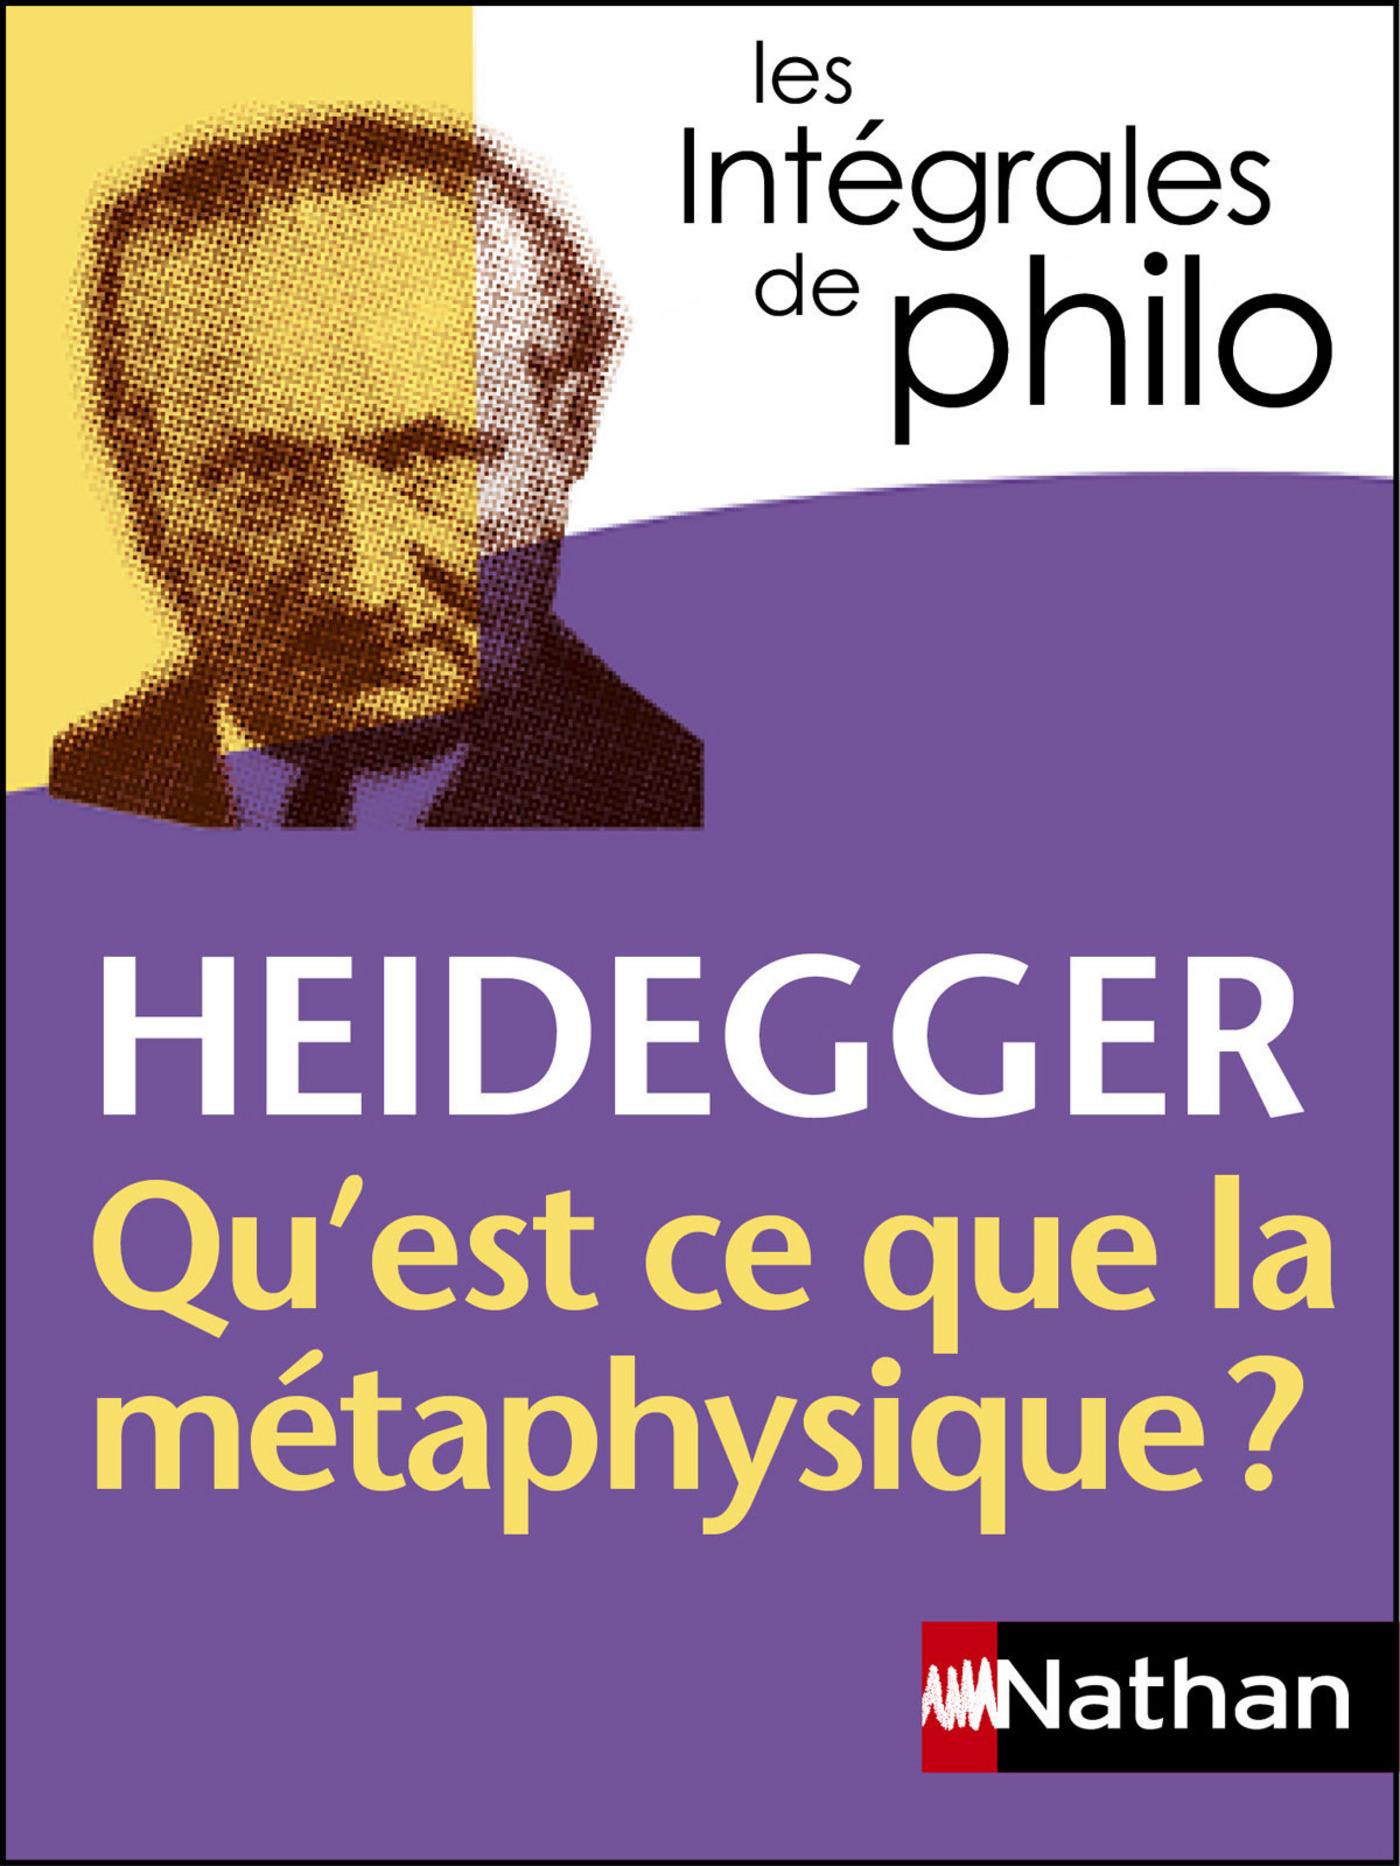 Intégrales de Philo - HEIDEGGER, Qu'est-ce que la métaphysique?